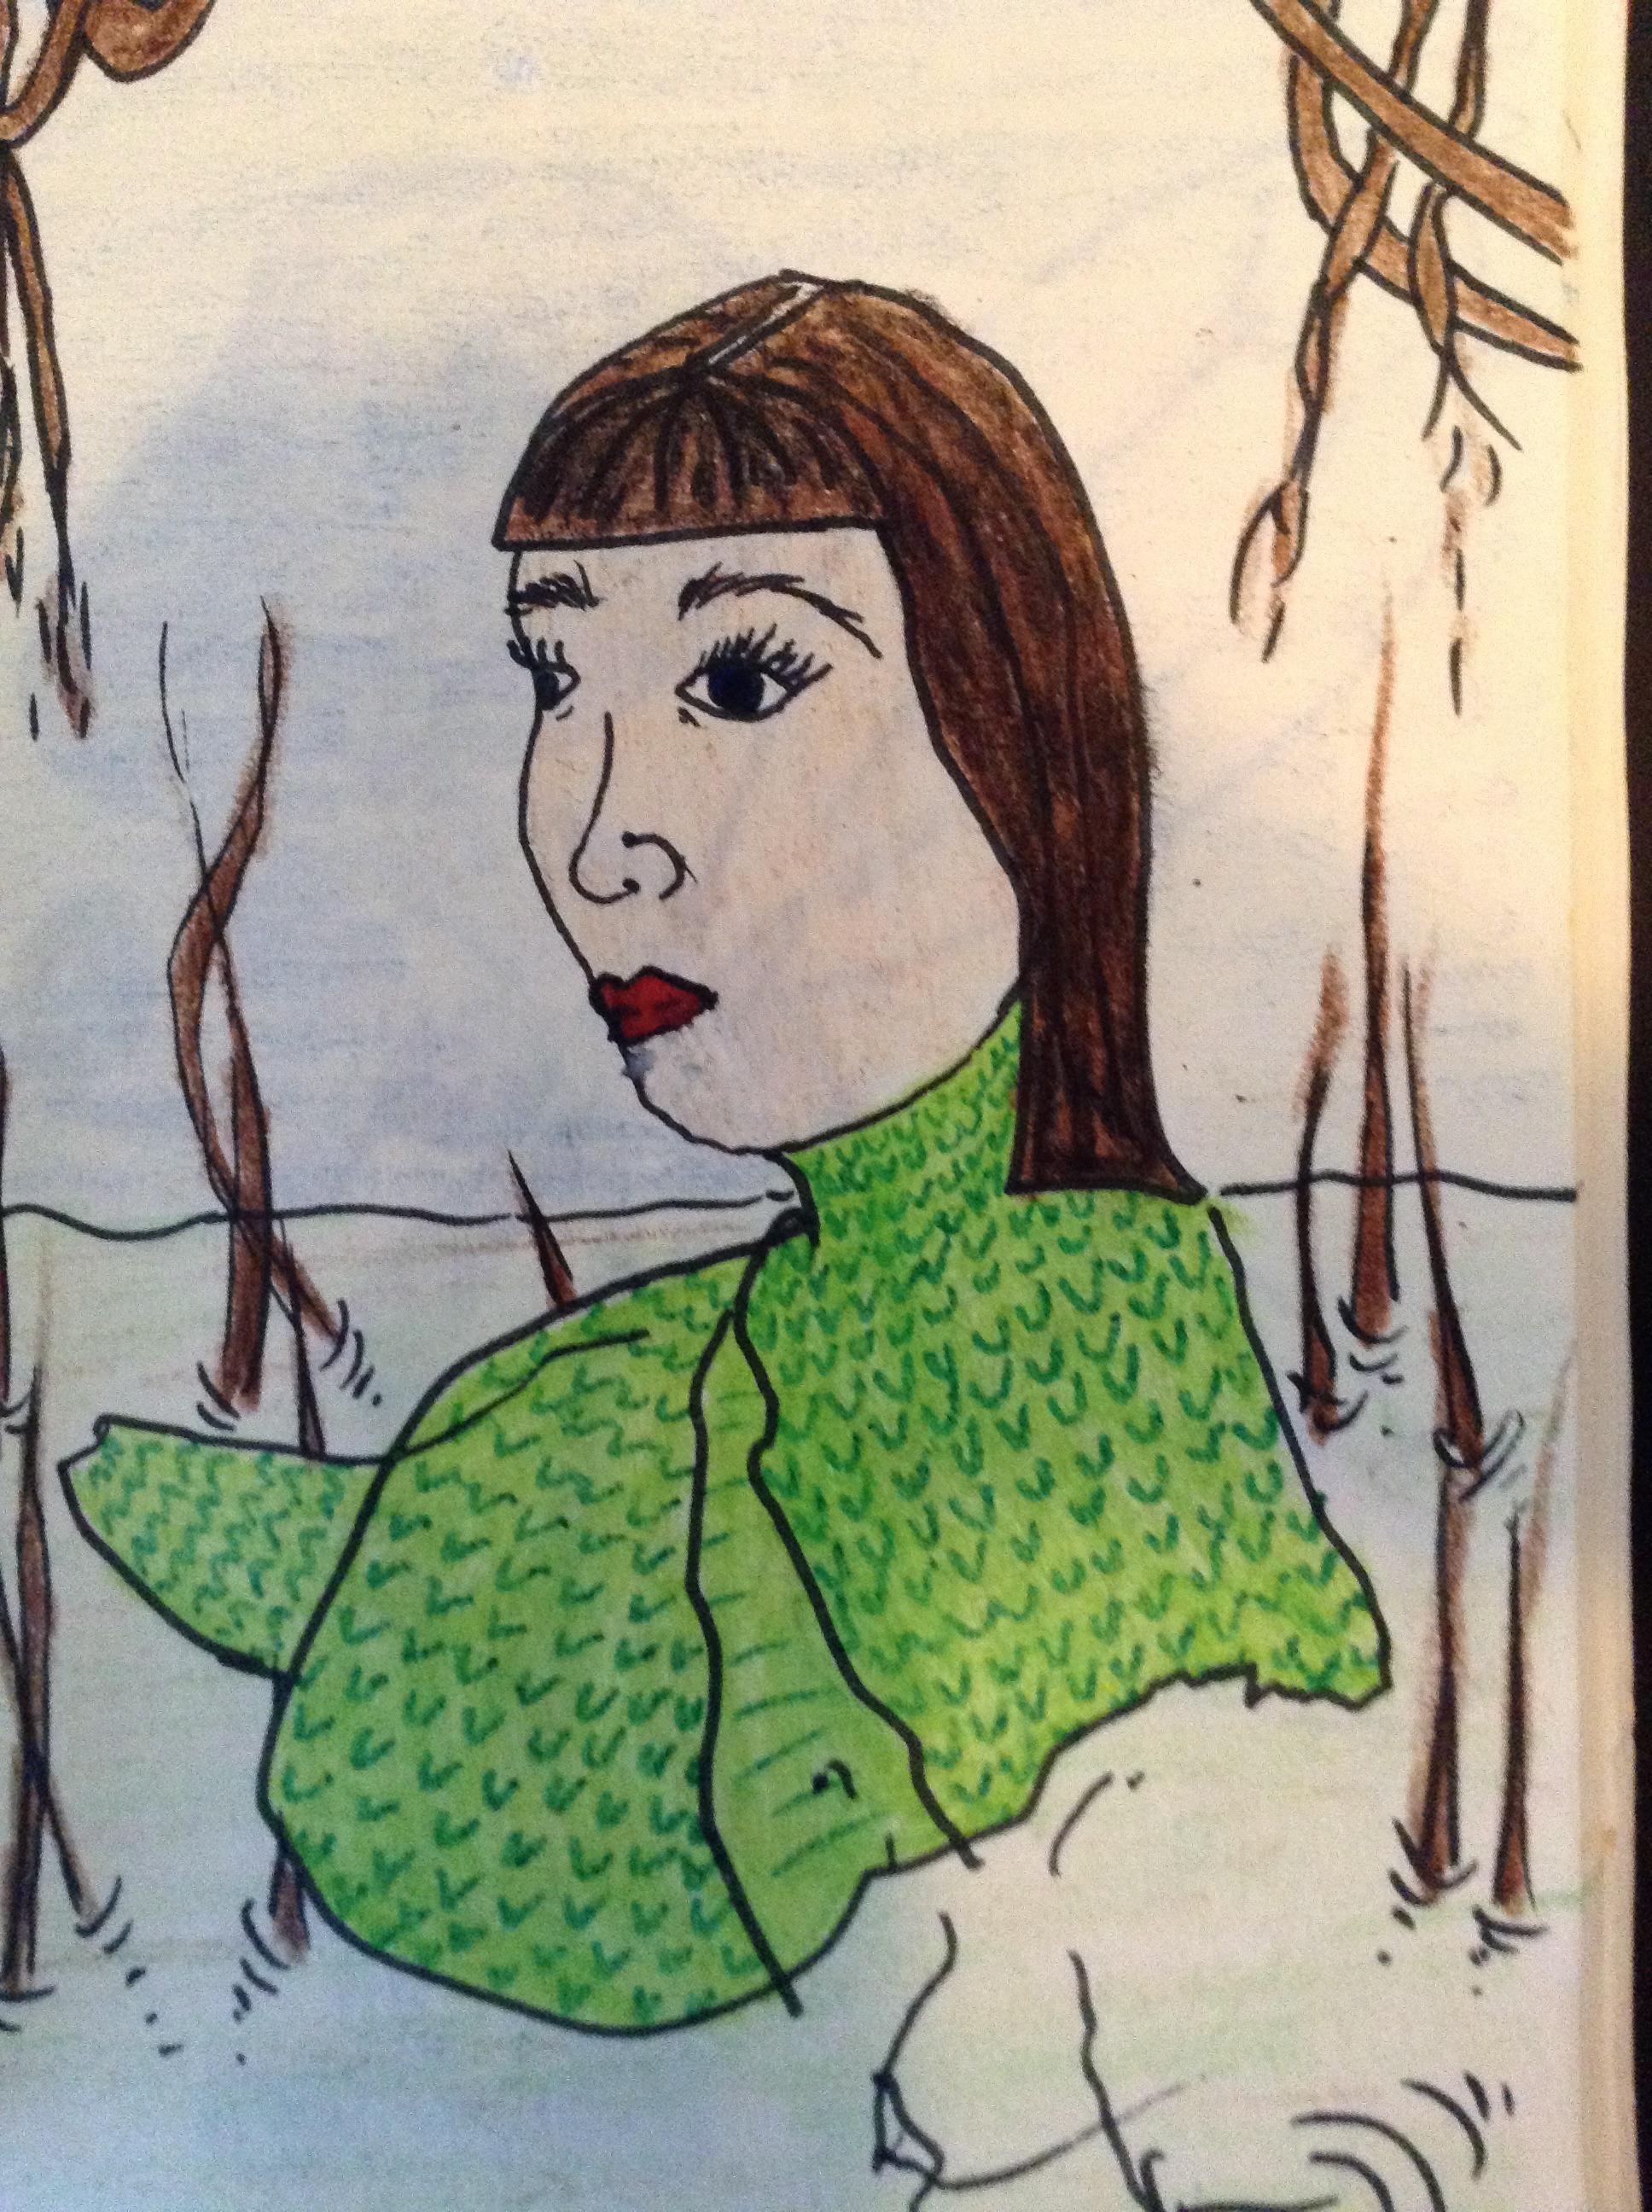 Gambar Wanita Lukisan Sketsa Ilustrasi Dewasa Gambar Kartun